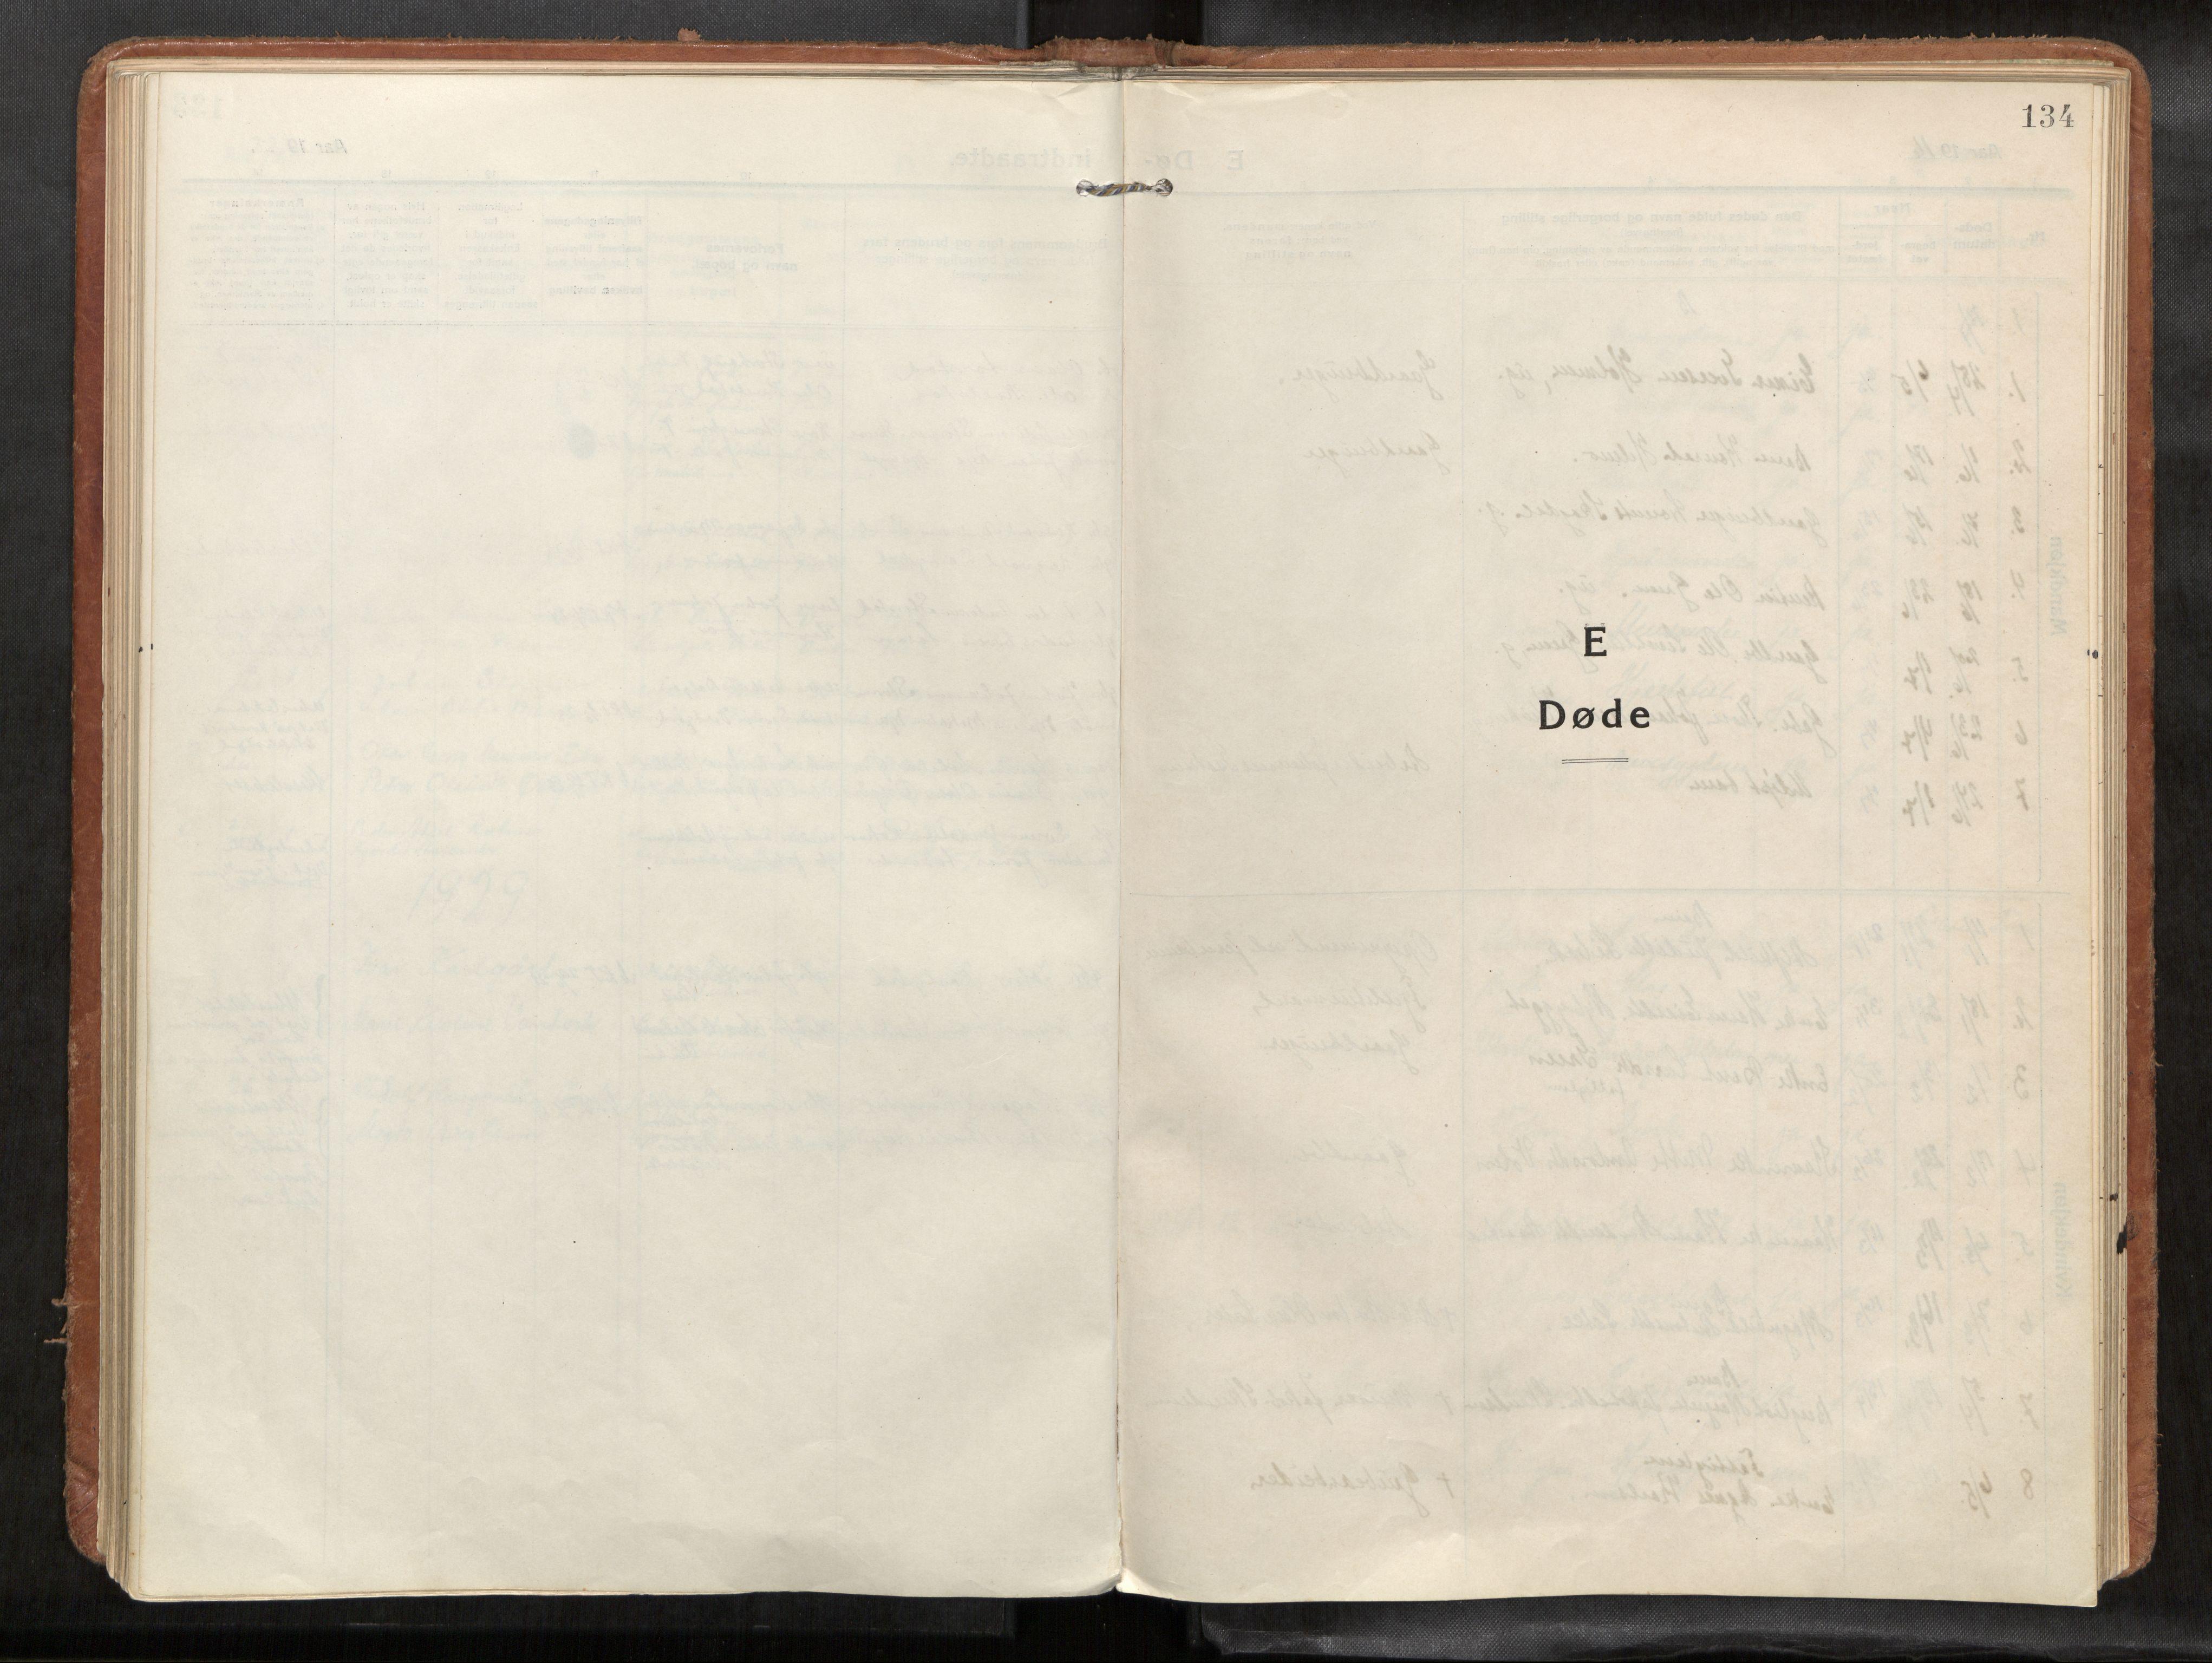 SAT, Verdal sokneprestkontor*, Parish register (official) no. 1, 1916-1928, p. 134